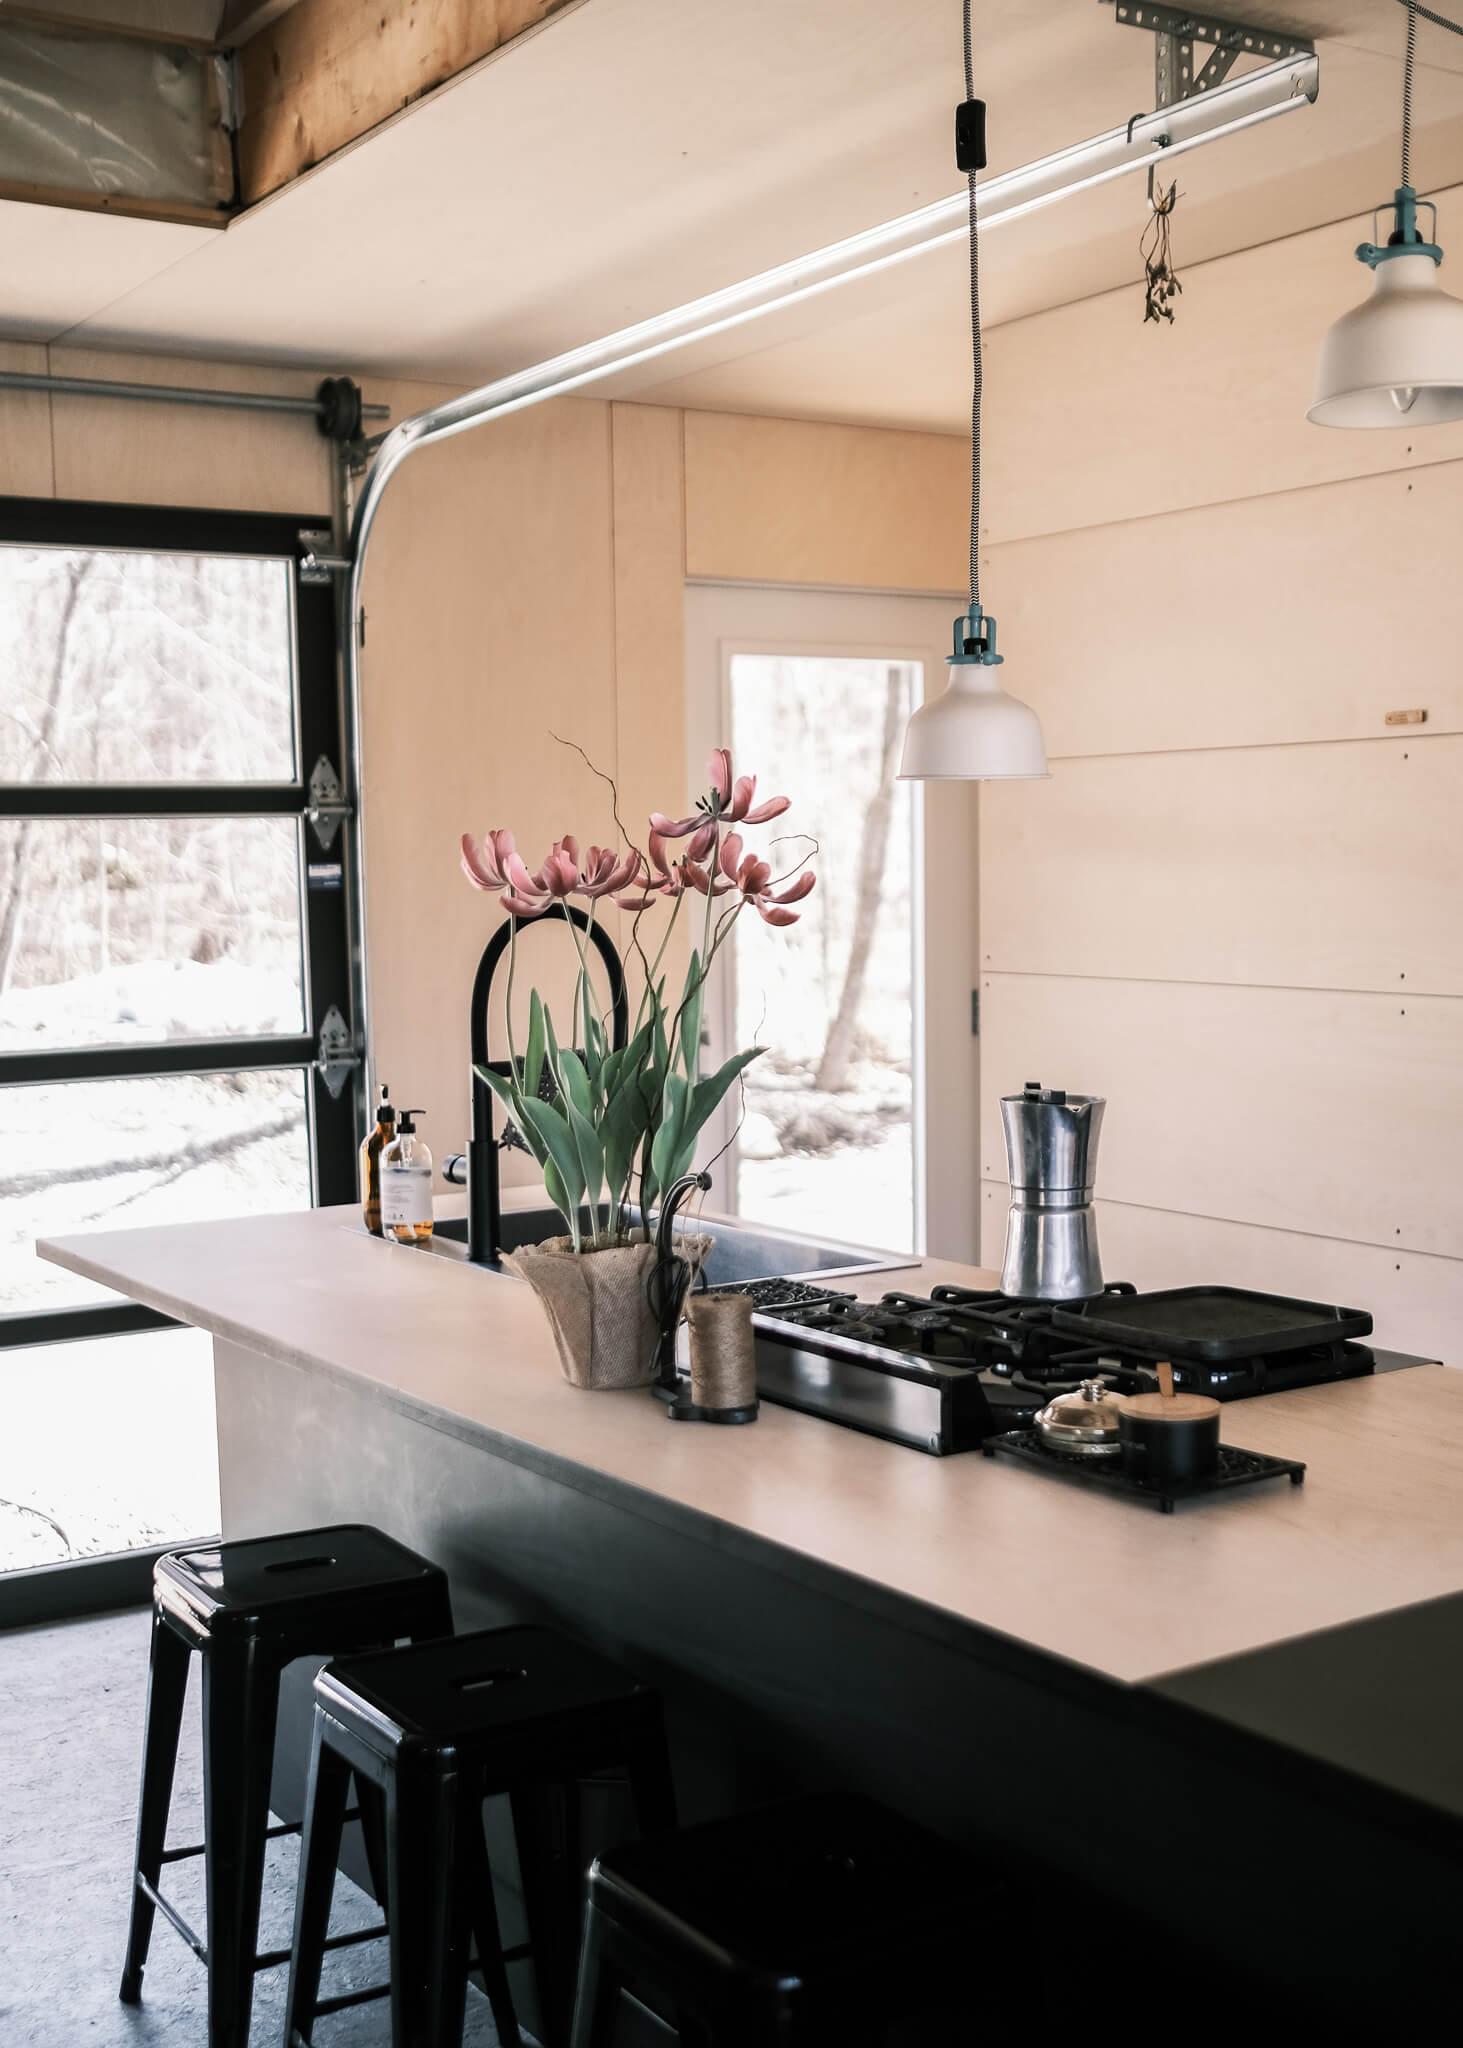 Cuisine - Maison off grid